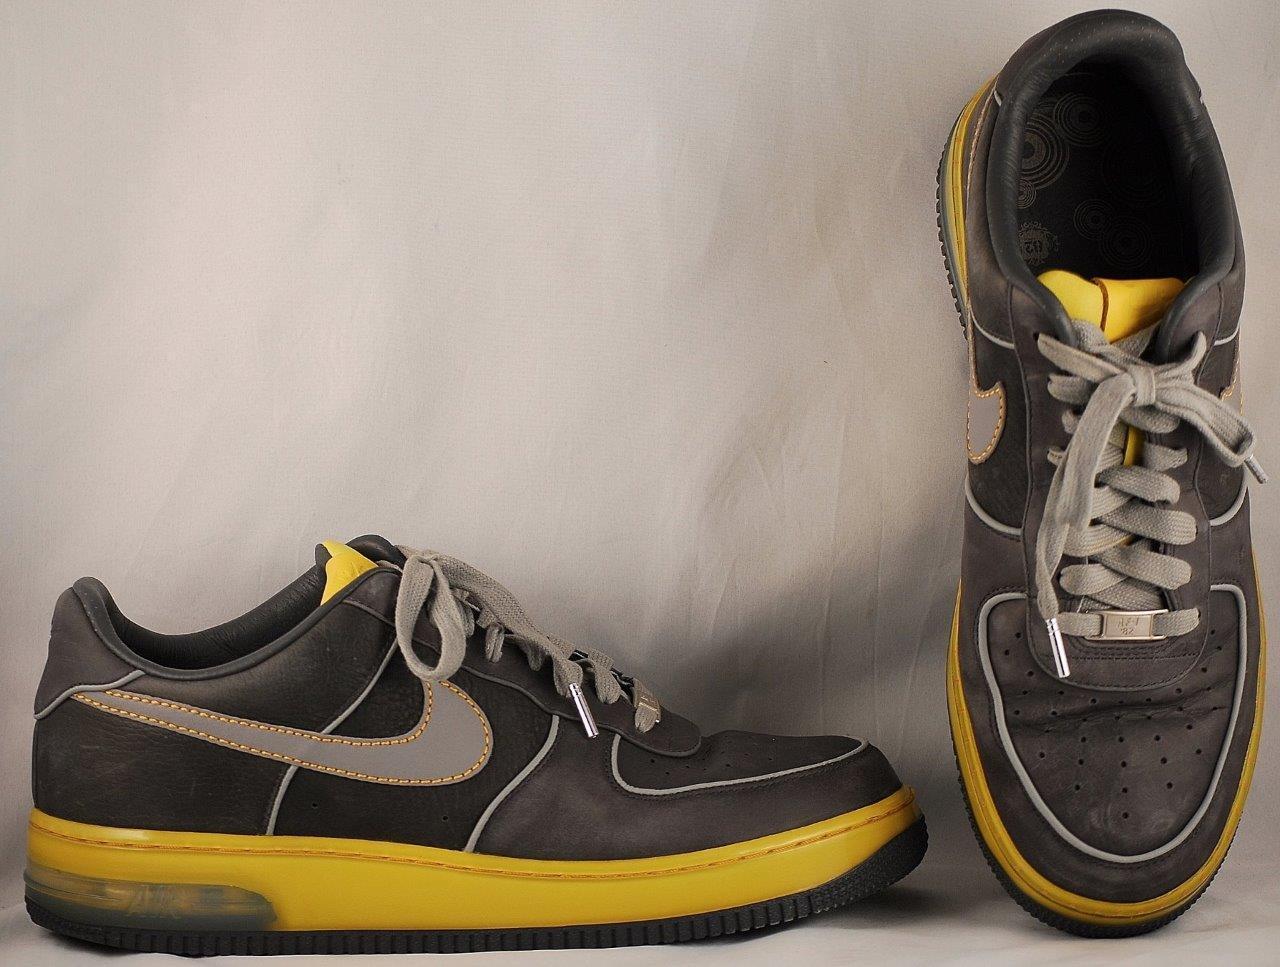 Men's Nike Black Sneakers Air Force 1 Sneakers Black US 11.5 775247